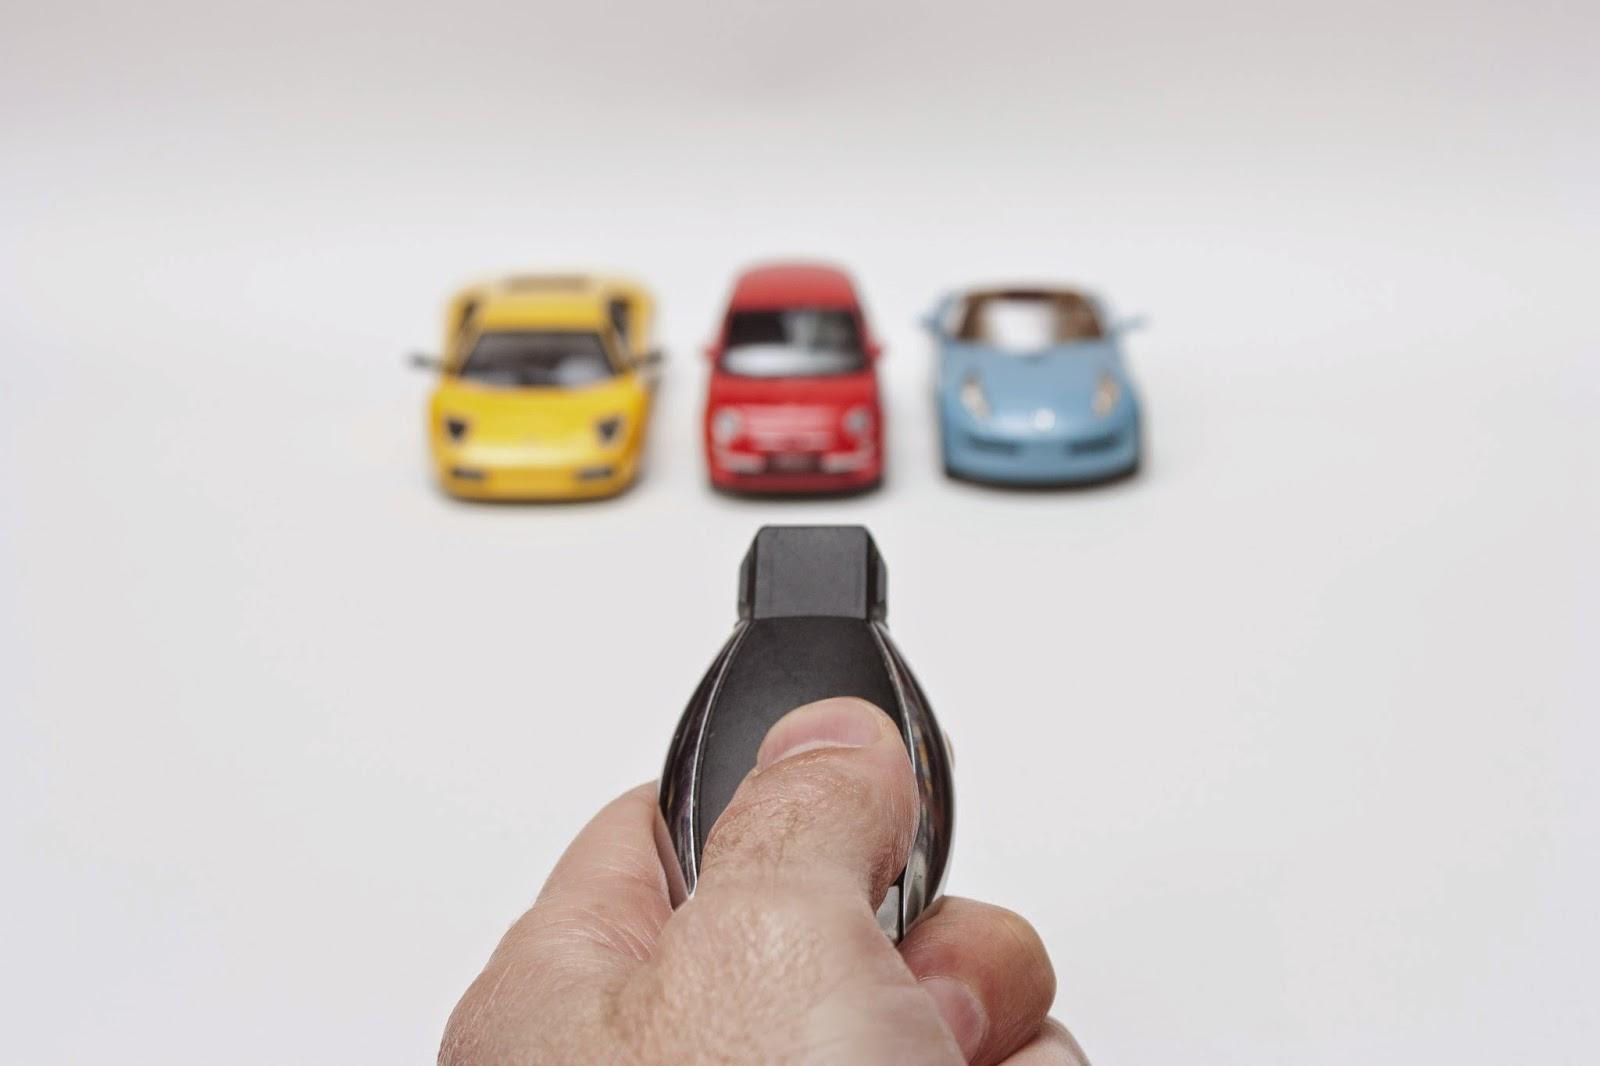 Fleet car key